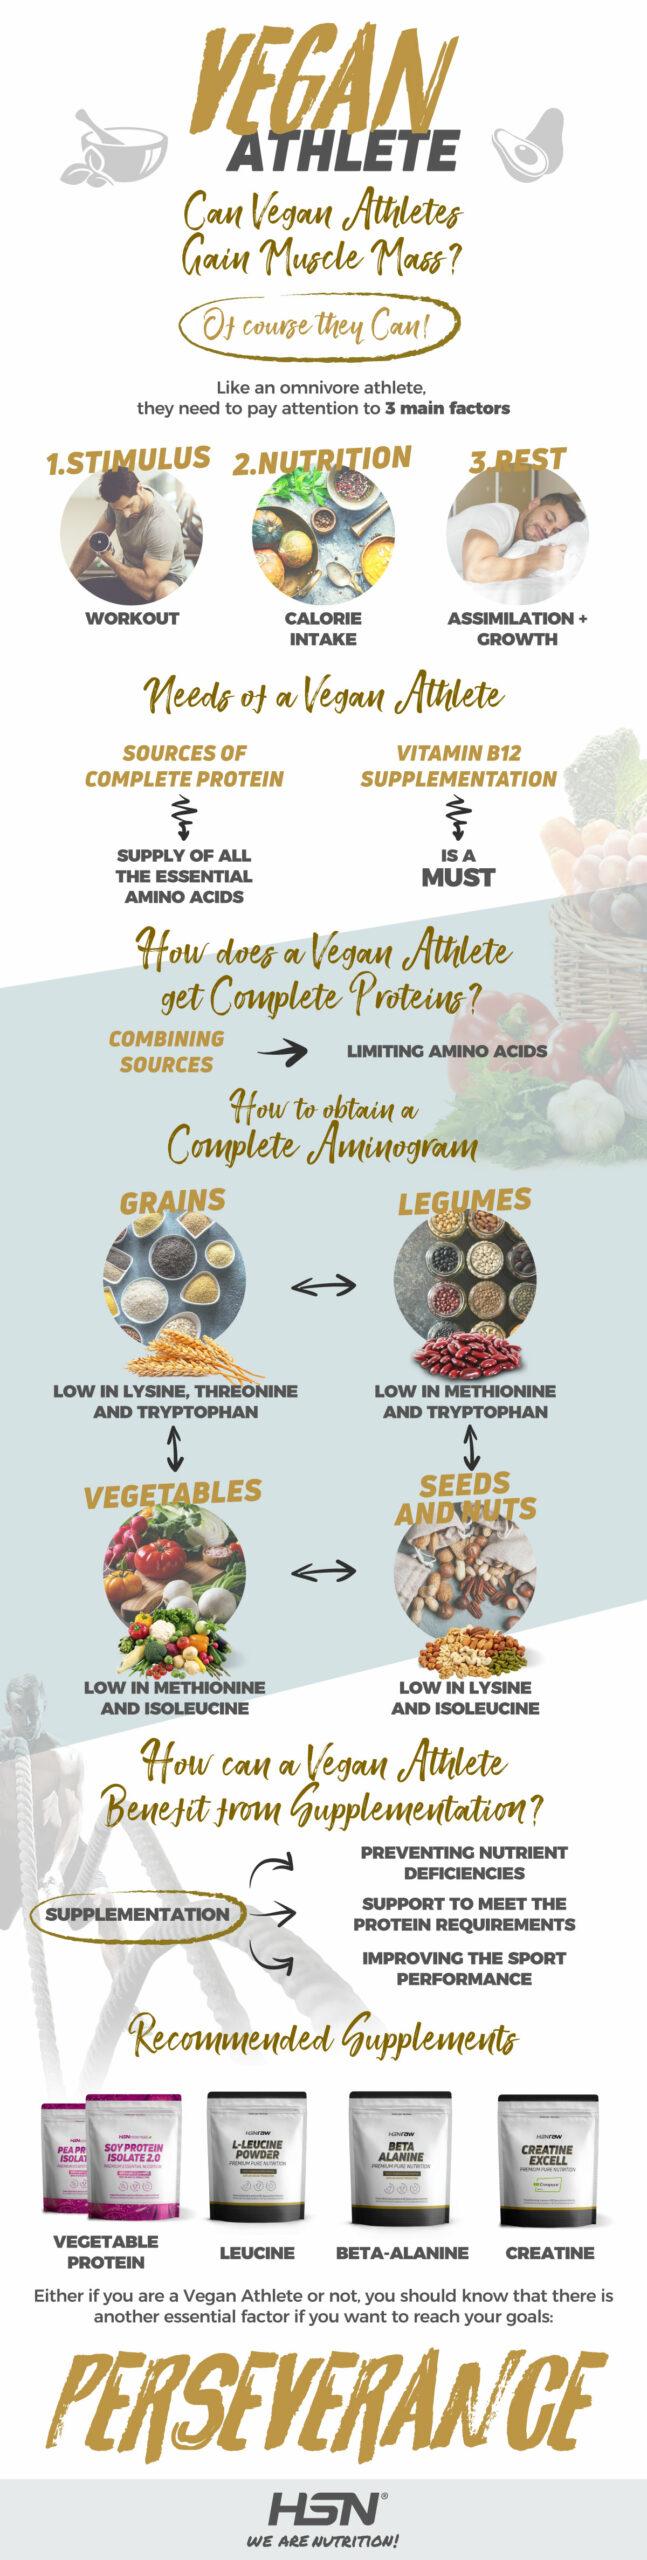 Vegan diet info